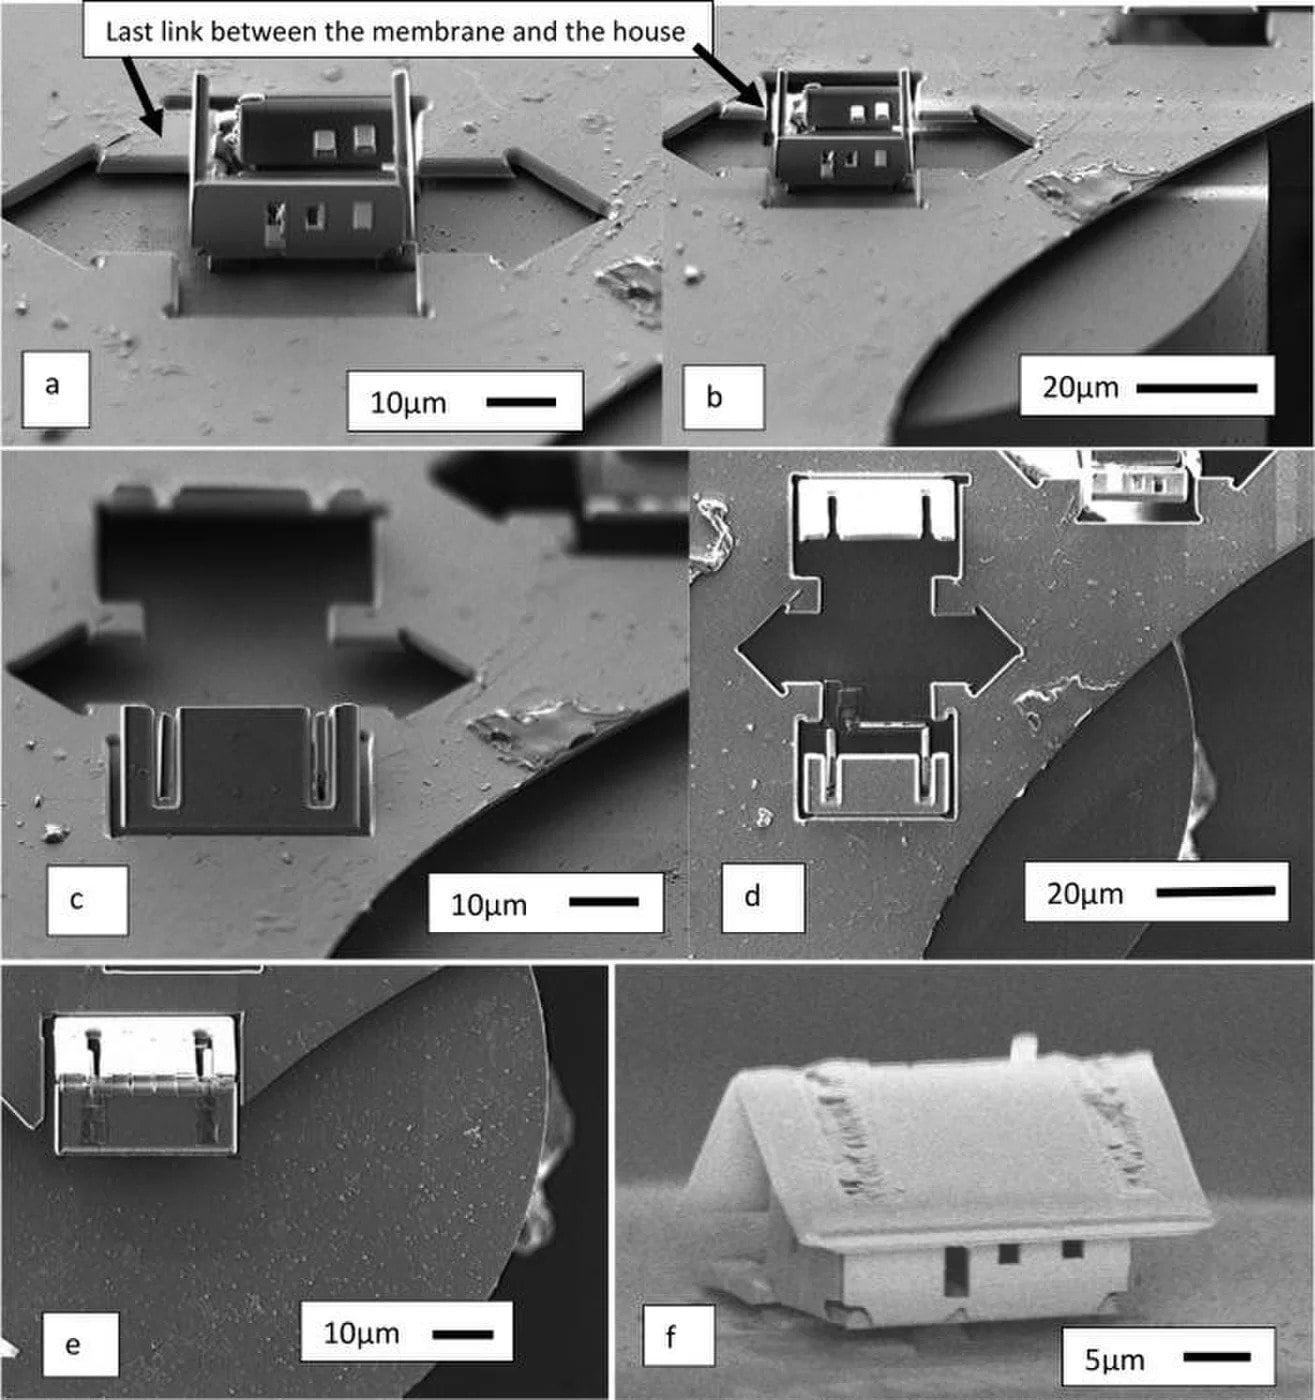 Νανοτεχνολογία και ρομποτική χτίζουν το μικρότερο σπίτι στον κόσμο!